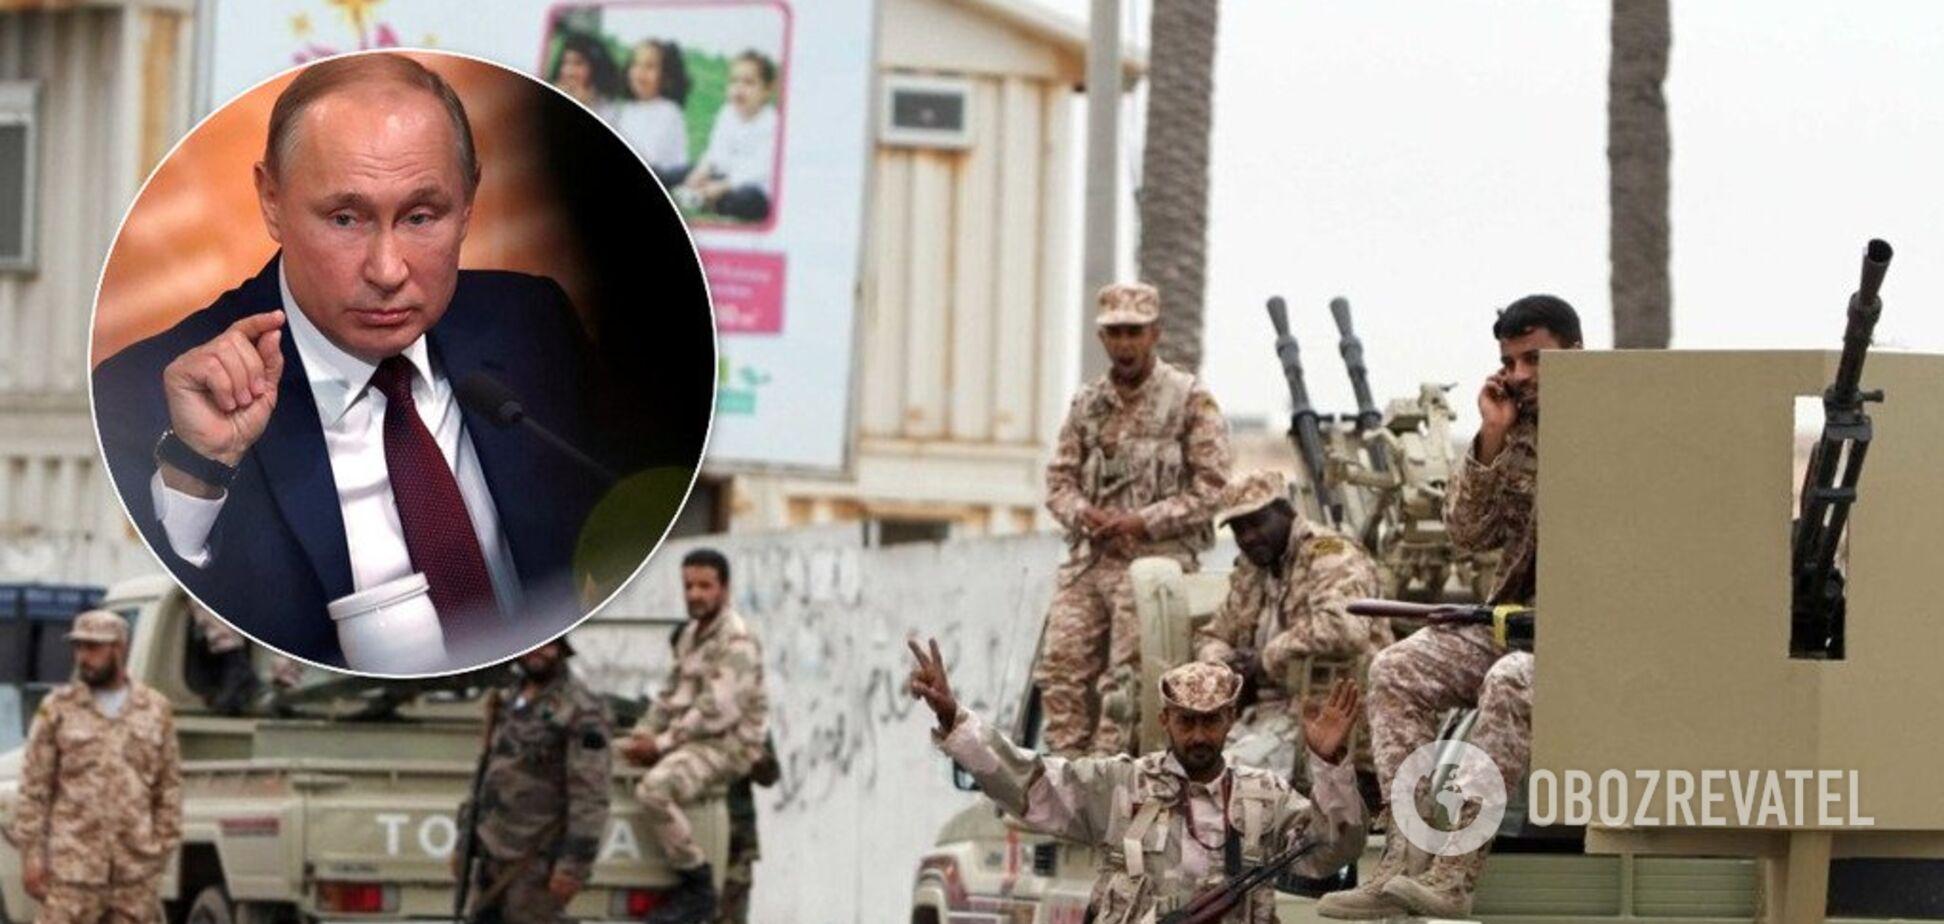 Путін бореться за 'головний приз': озвучена мета Росії у Лівії